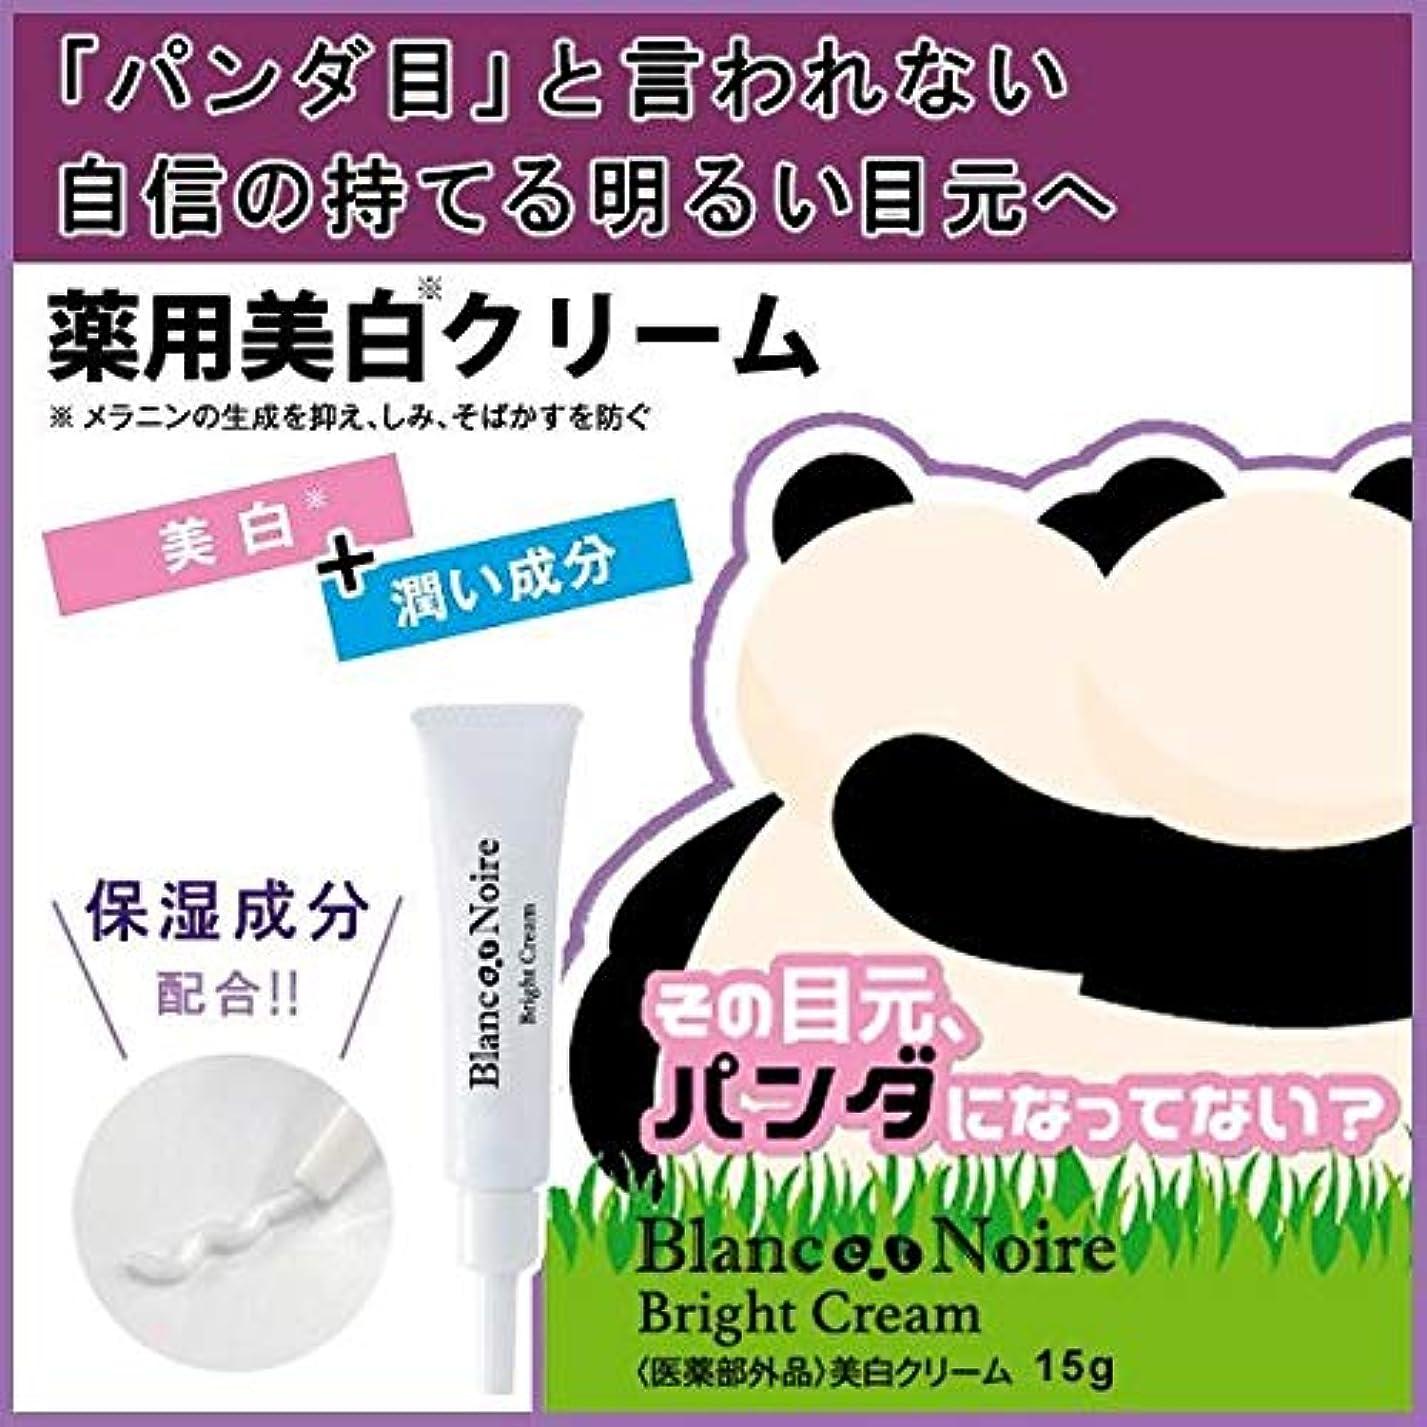 家禽乳音声Blanc et Noire(ブラン エ ノアール) Bright Cream(ブライトクリーム) 美白クリーム 医薬部外品 15g